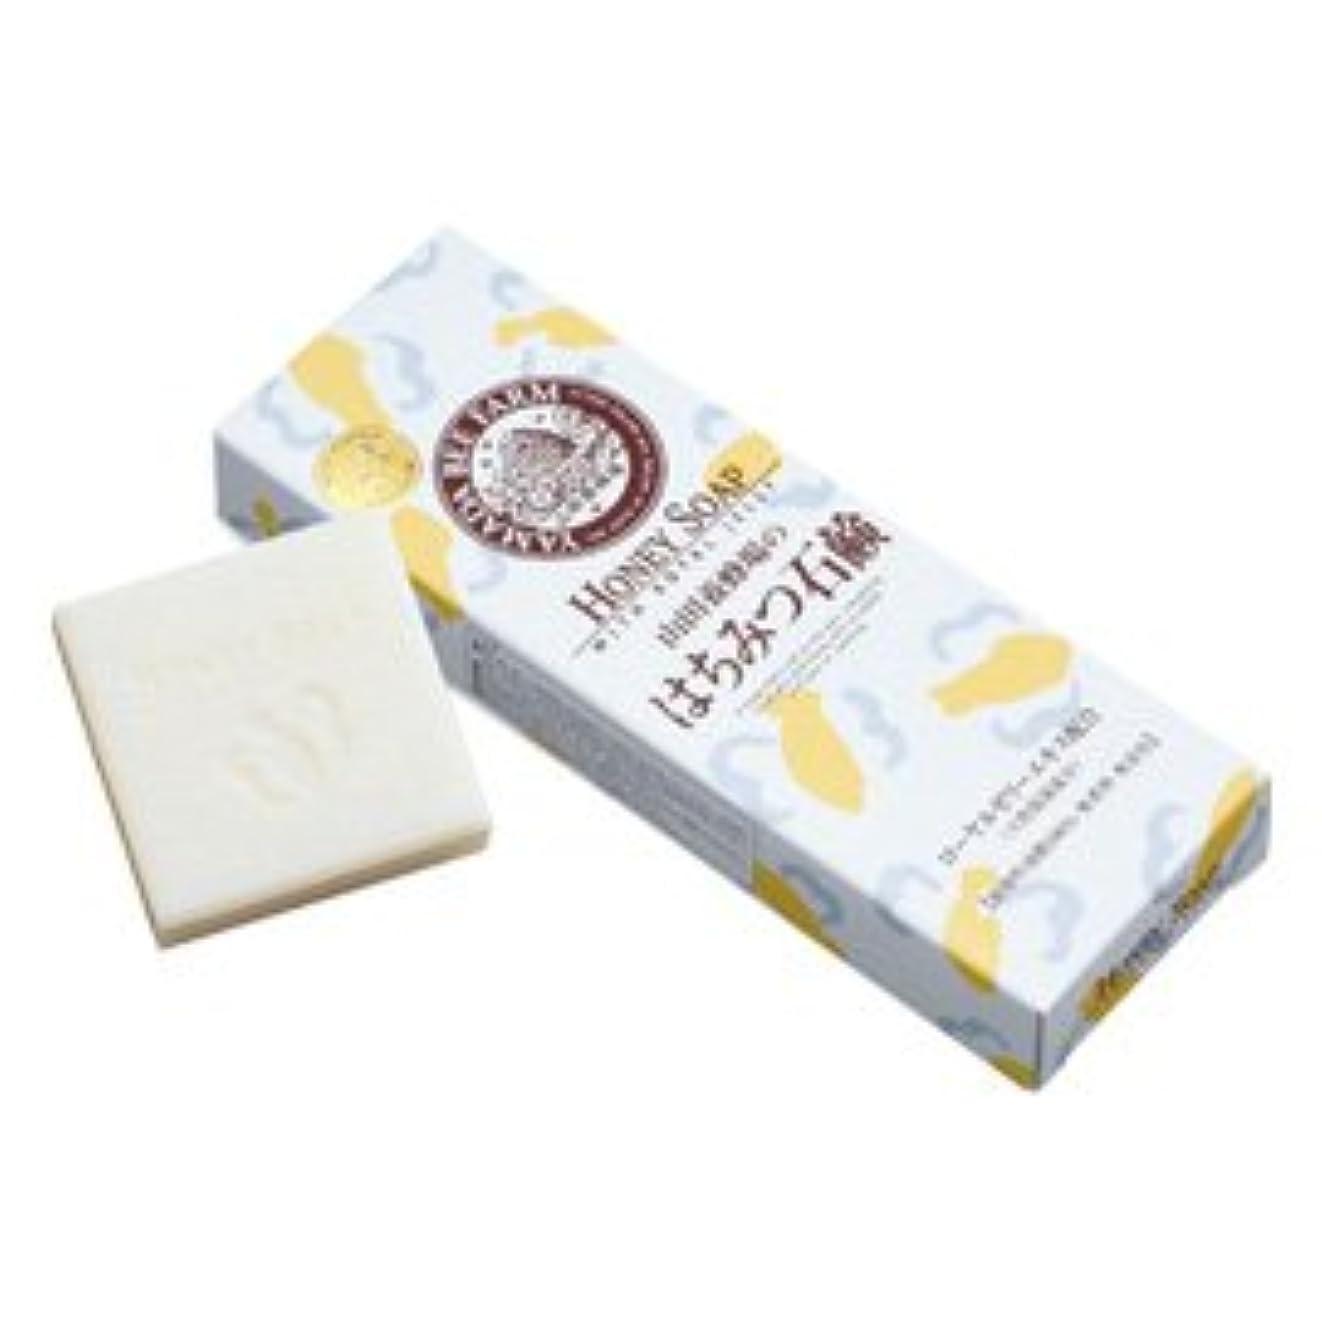 リンス未使用贅沢なはちみつ石鹸 60g×3個入/Honey Soap